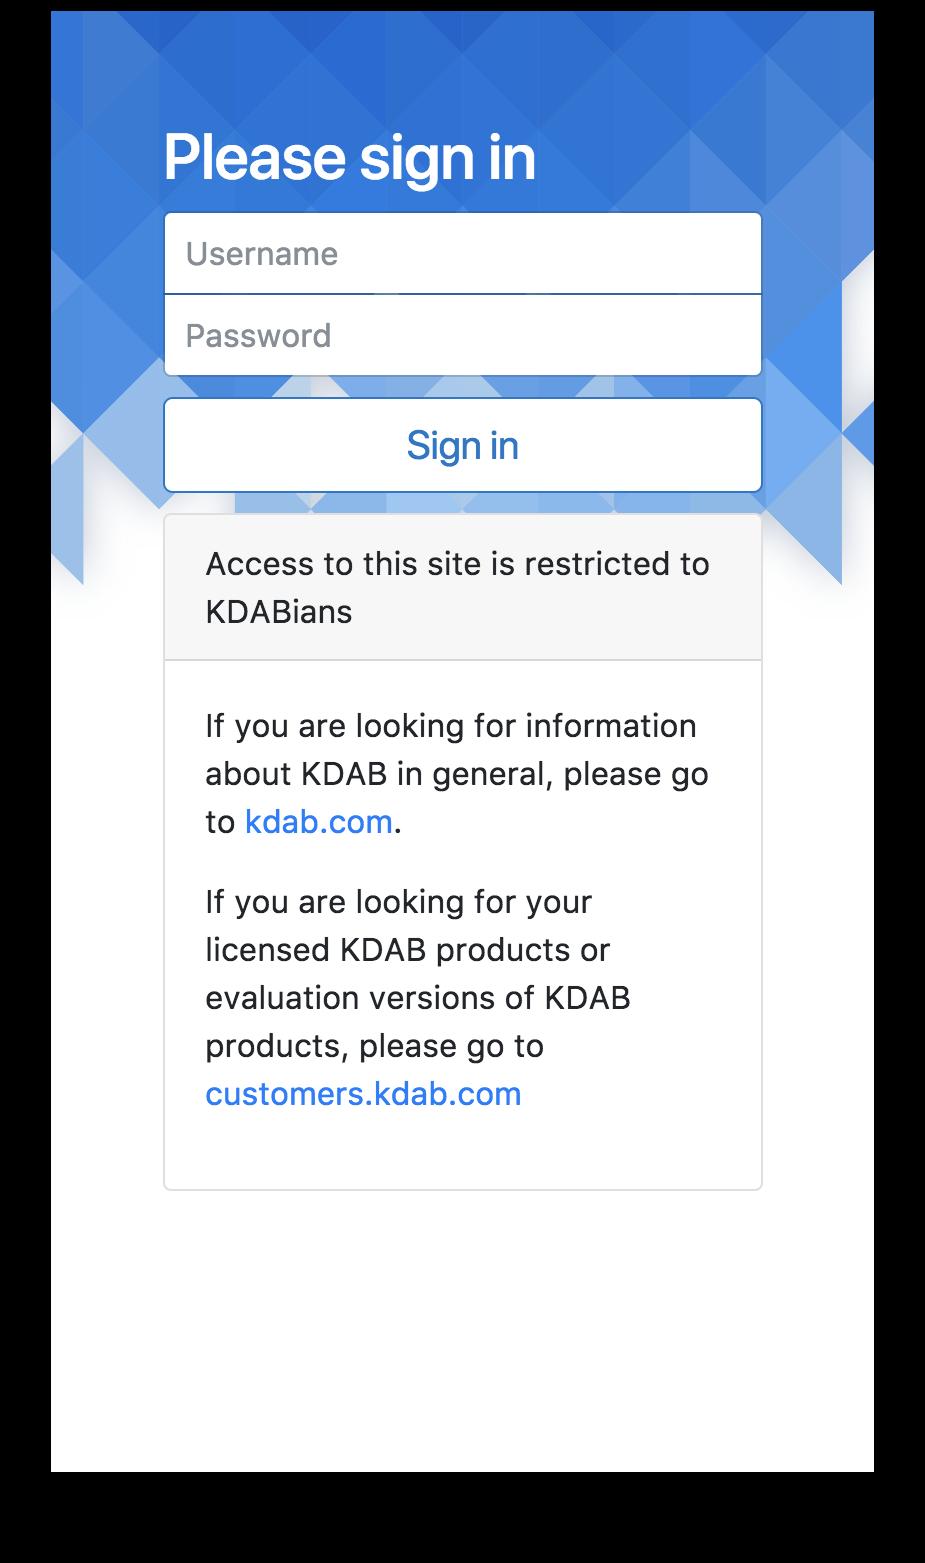 Responsive login screen